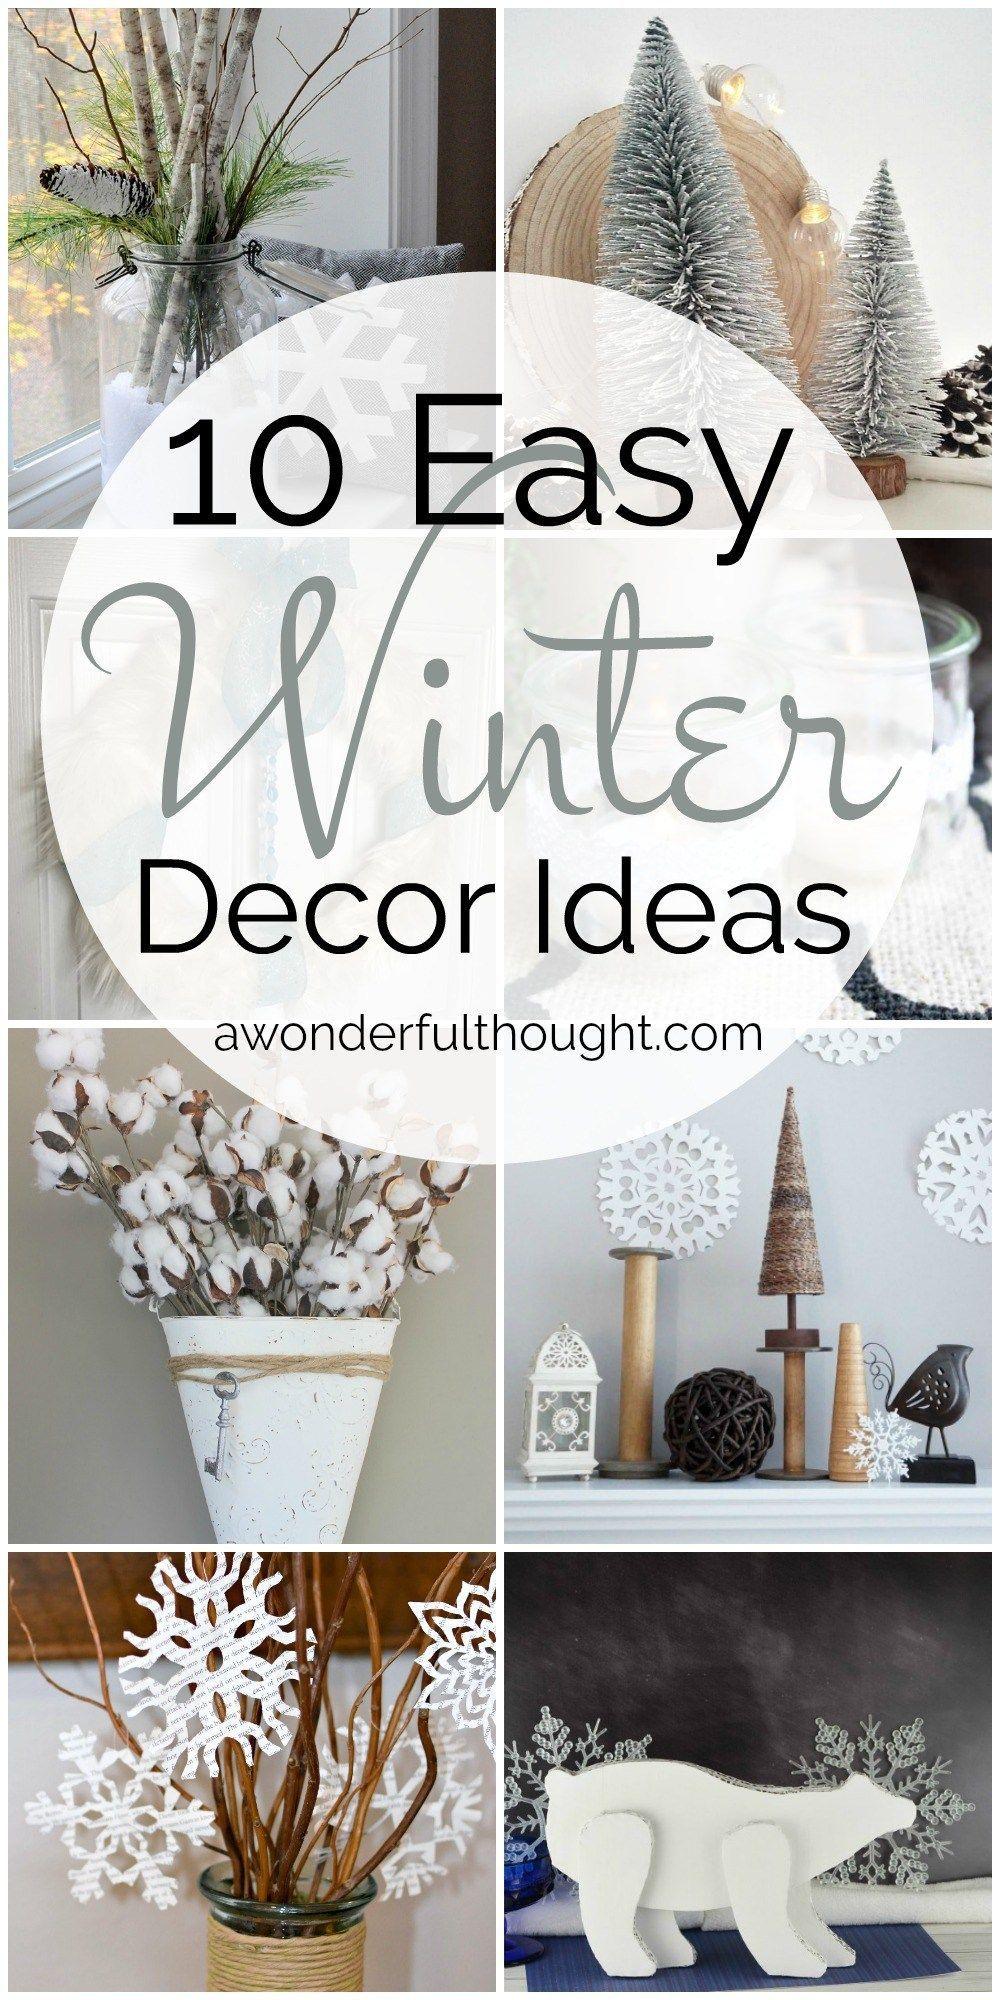 10 Easy Winter Decor Ideas | MM #186 - A Wonderful